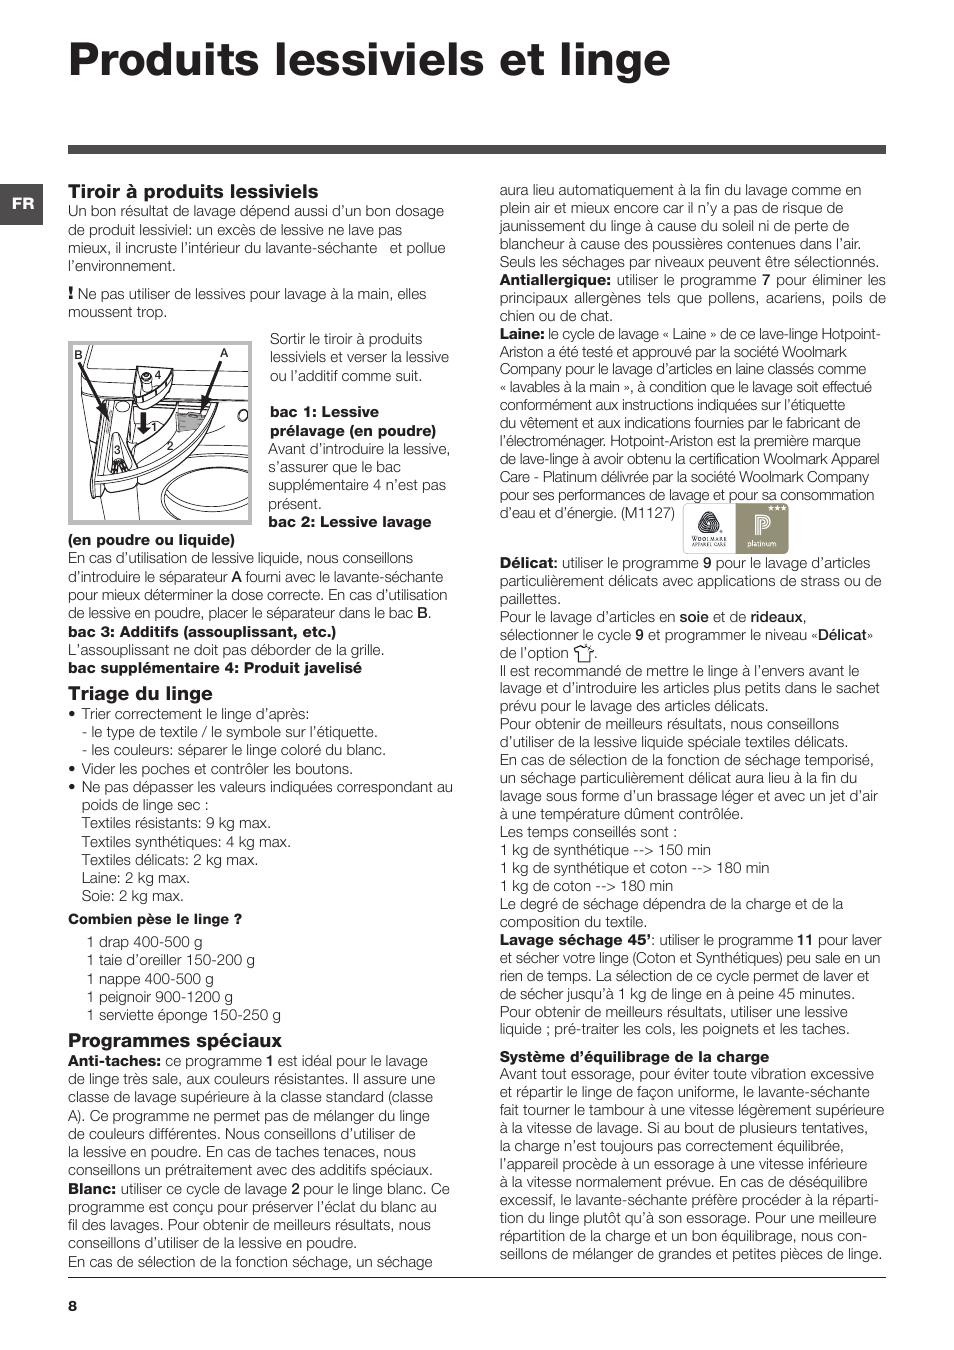 produits lessiviels et linge tiroir produits lessiviels triage du linge hotpoint ariston. Black Bedroom Furniture Sets. Home Design Ideas